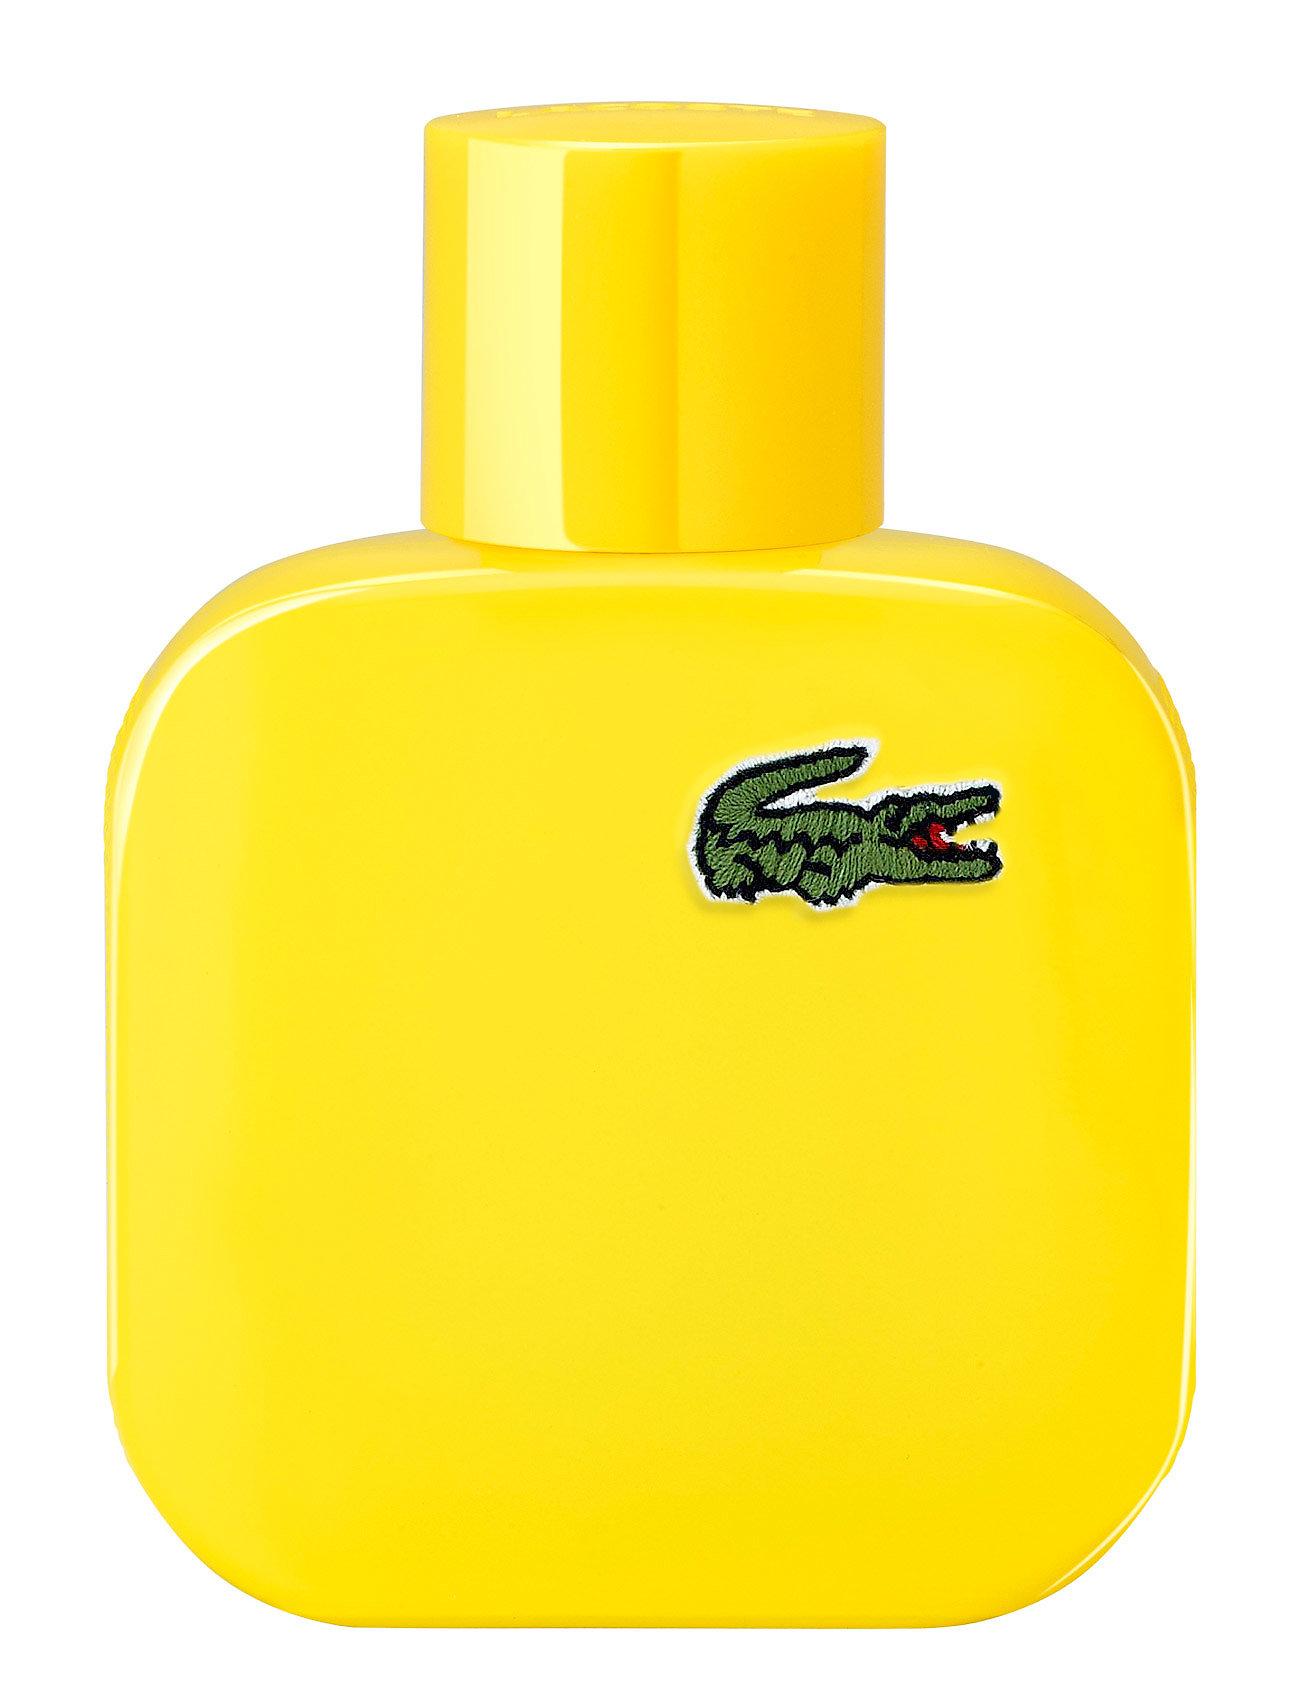 lacoste fragrance Lacoste l12.12 yellow ph eau de toi fra boozt.com dk